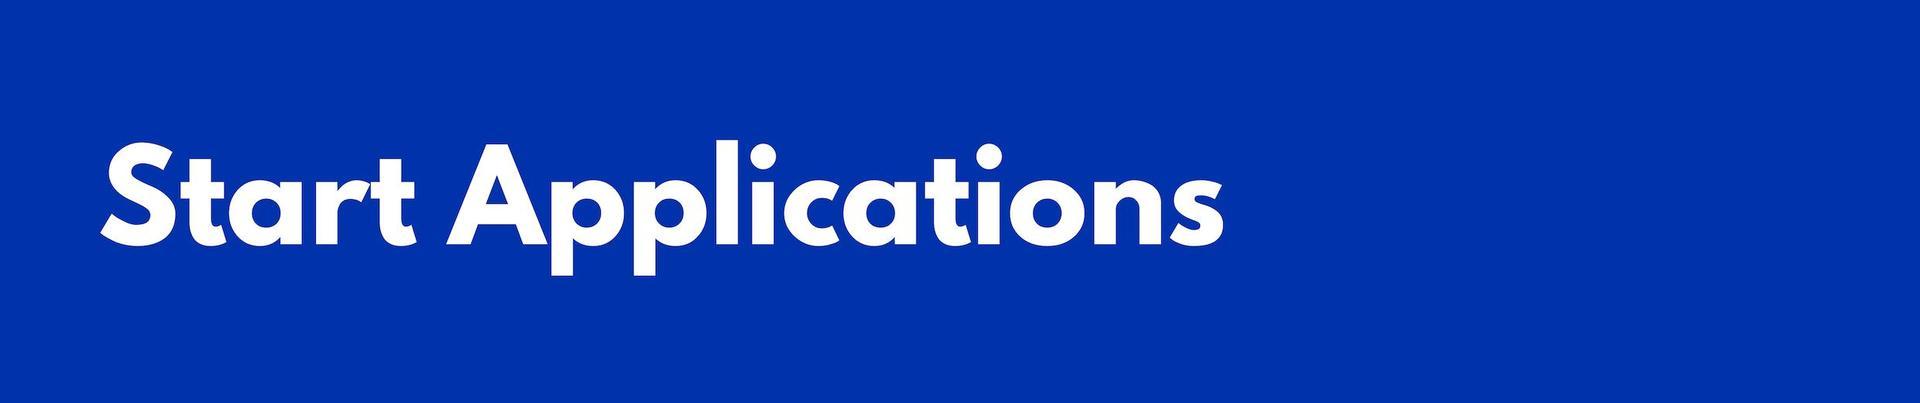 Start Applications Header